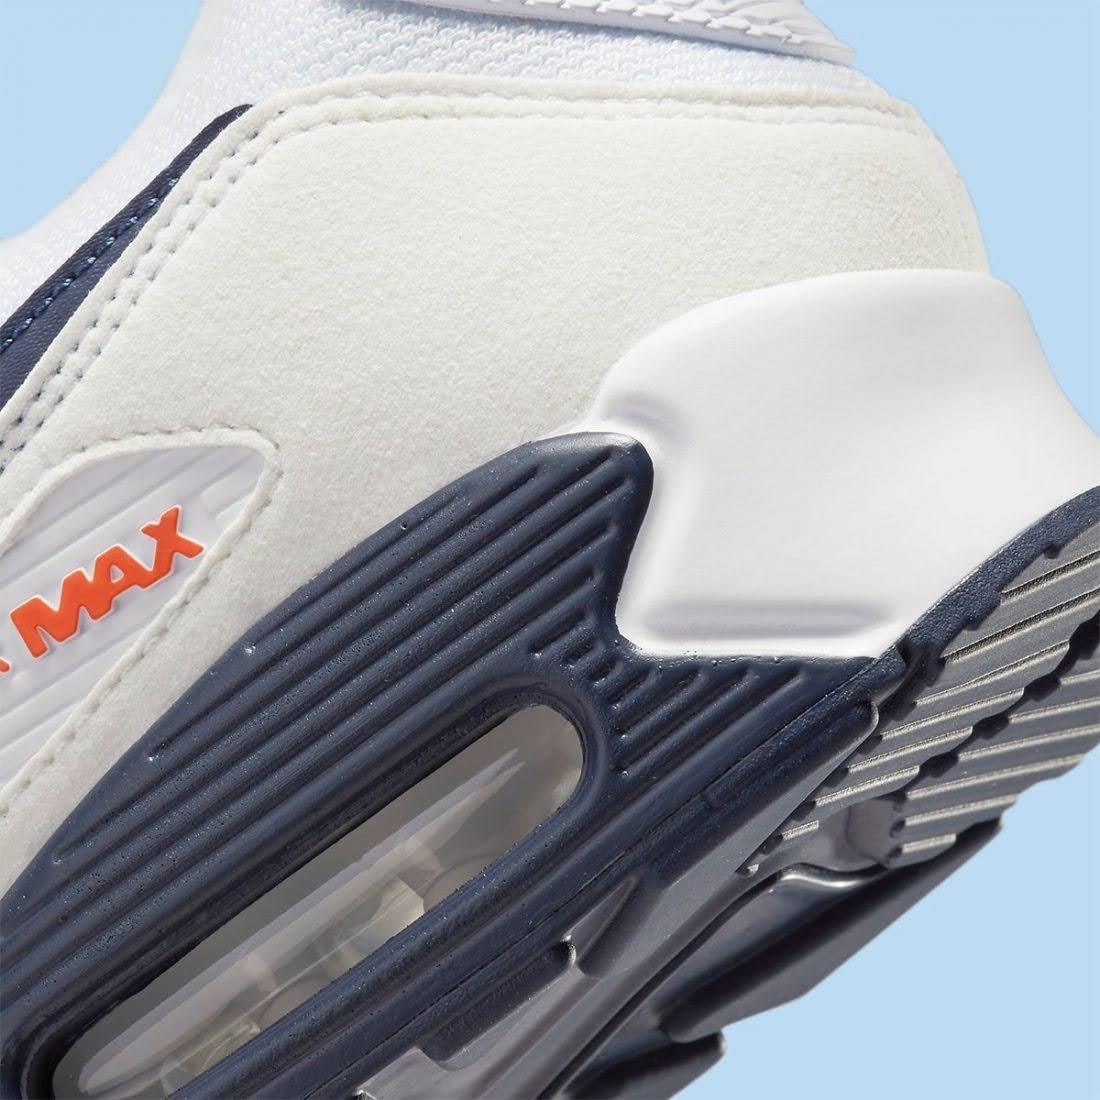 """ナイキ エア マックス 90 """"ネイビー/ オフホワイト"""" nike-air-max-90-navy-off-white-DM2820-100-DM2820-100-side-heel-closeup"""